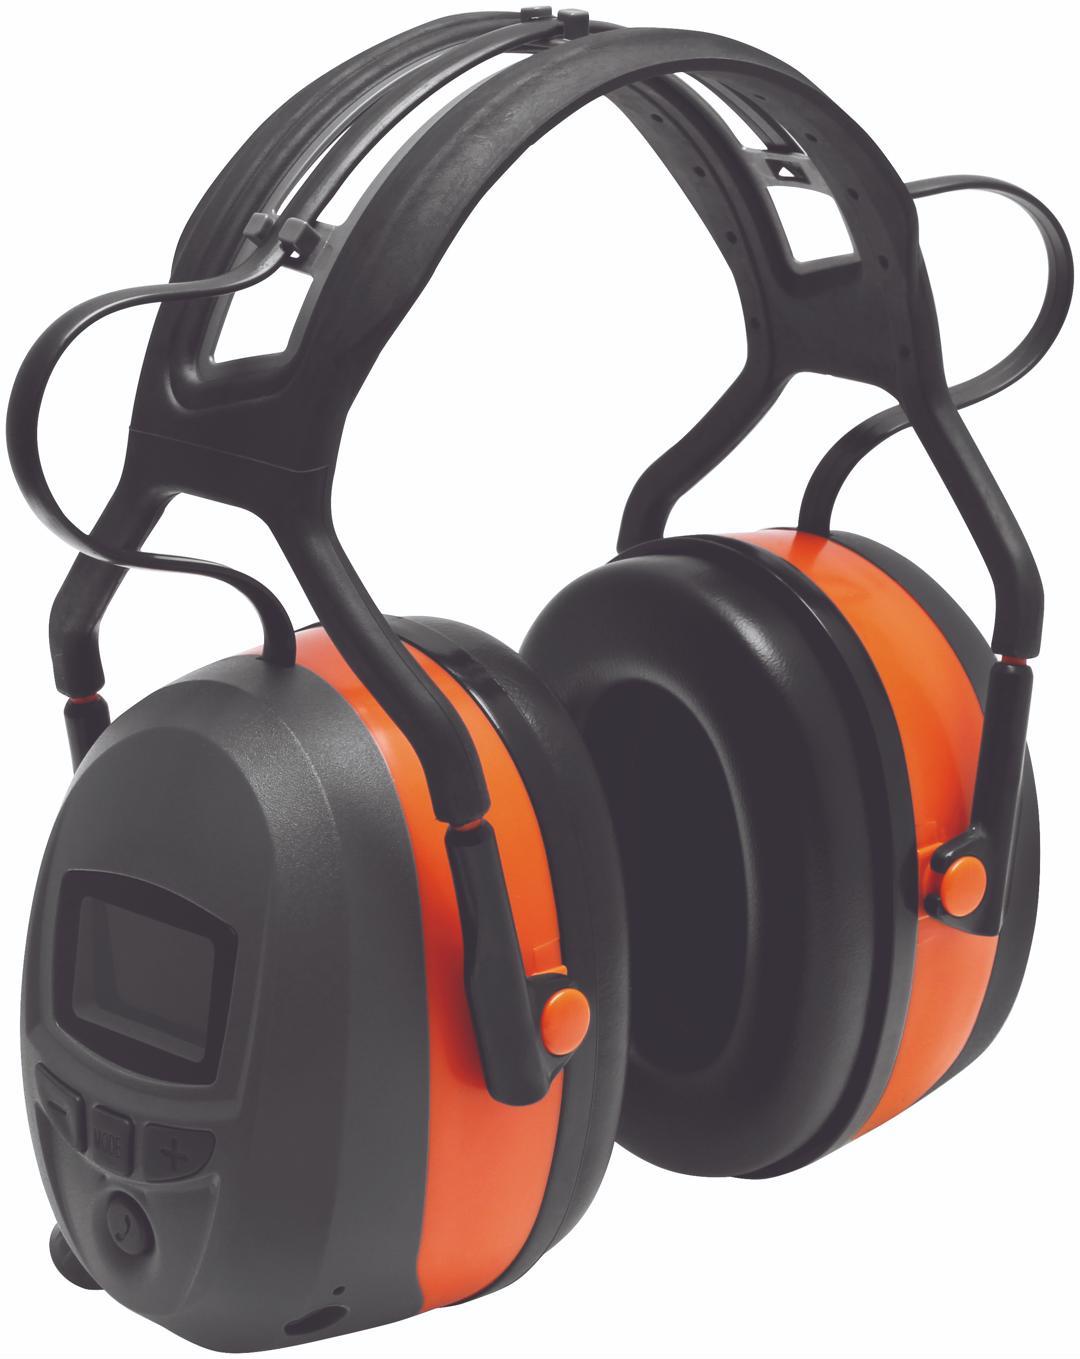 Omtyckta Hörselskydd, EN352-1, Bluetooth - 9916090 - Malmbergs Elektriska AB SP-93